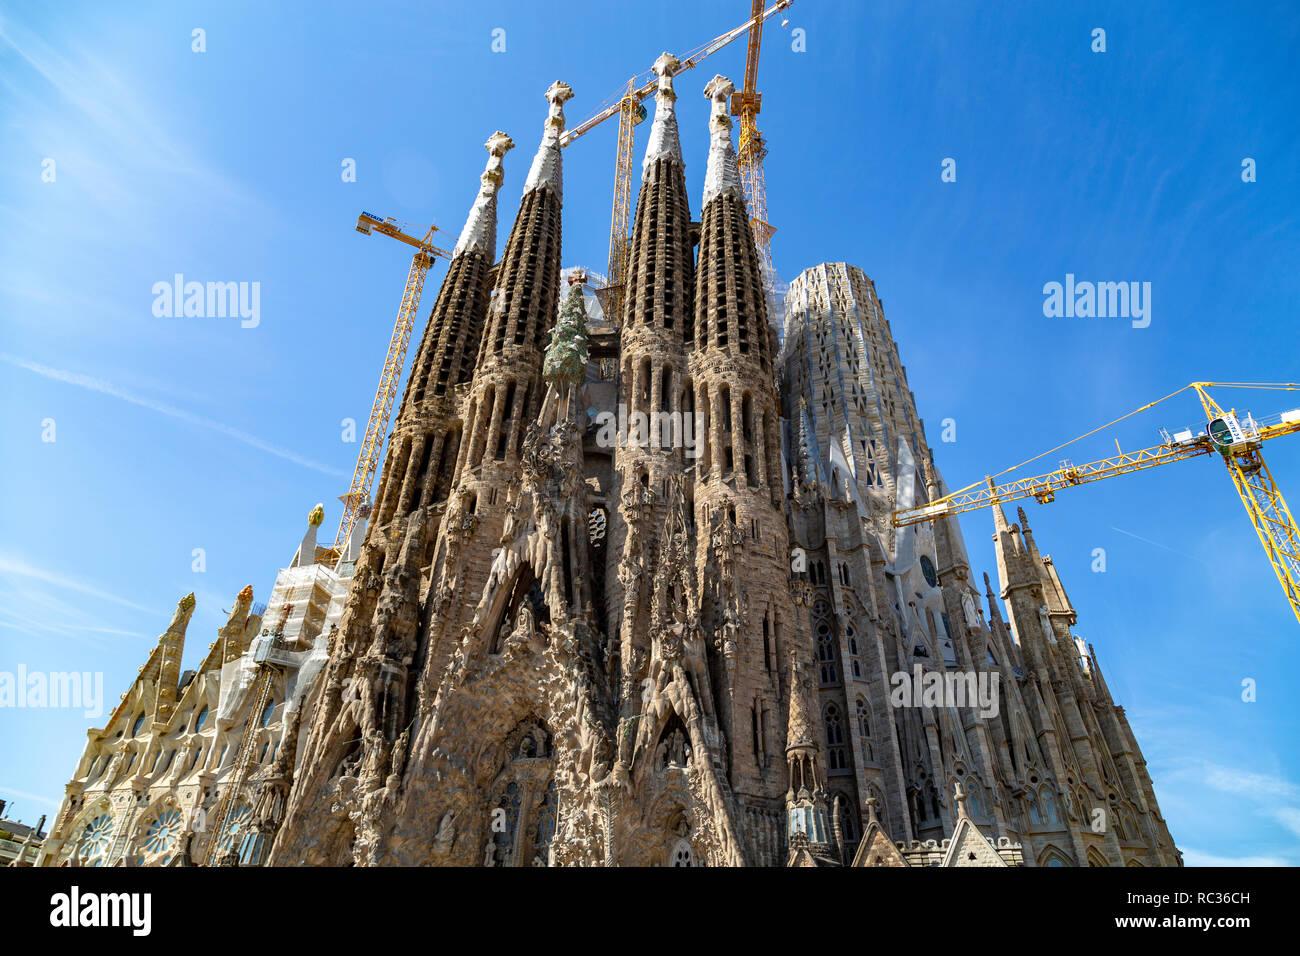 La iglesia de La Sagrada Familia vista frontal, diseñado por Antoni Gaudí, UNESCO, Barcelona, Cataluña (Catalunya), España Foto de stock